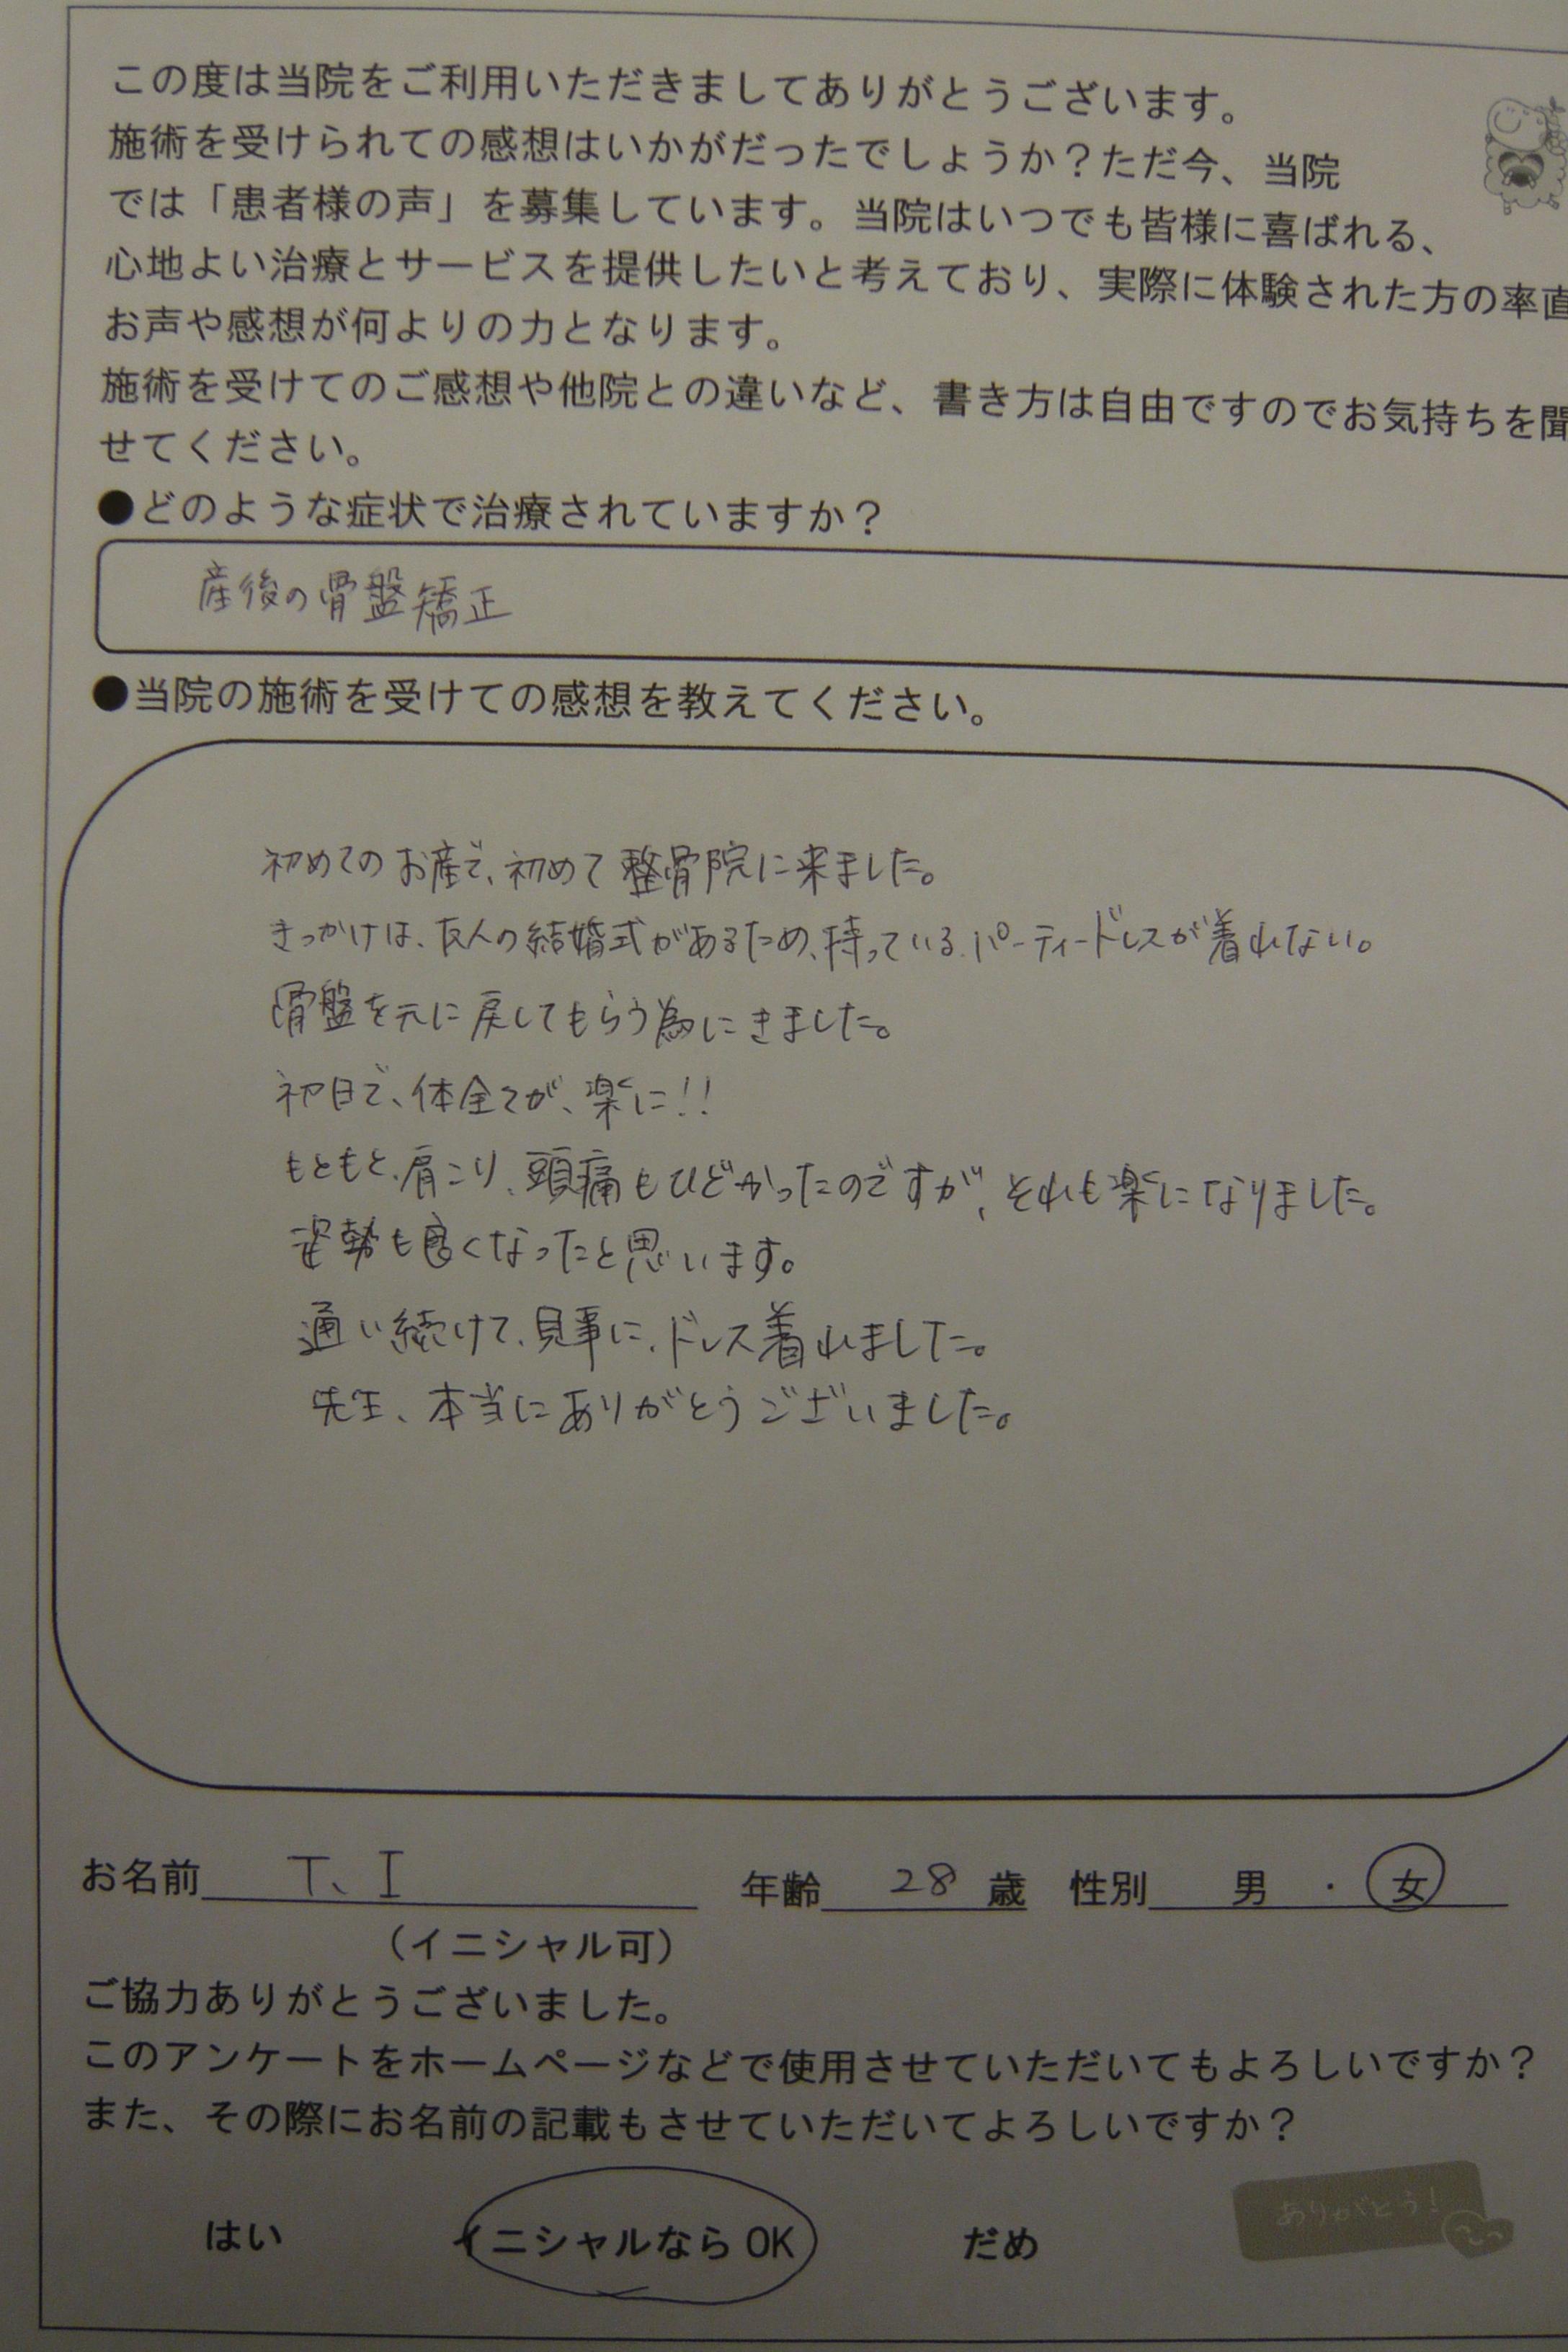 磯永様コメント.JPG